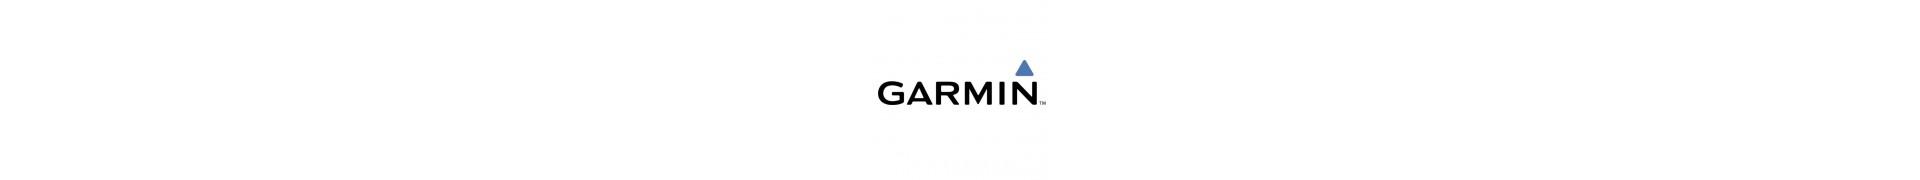 Garmin Orologi catalogo e prezzo Smartwatch GPS in offerta